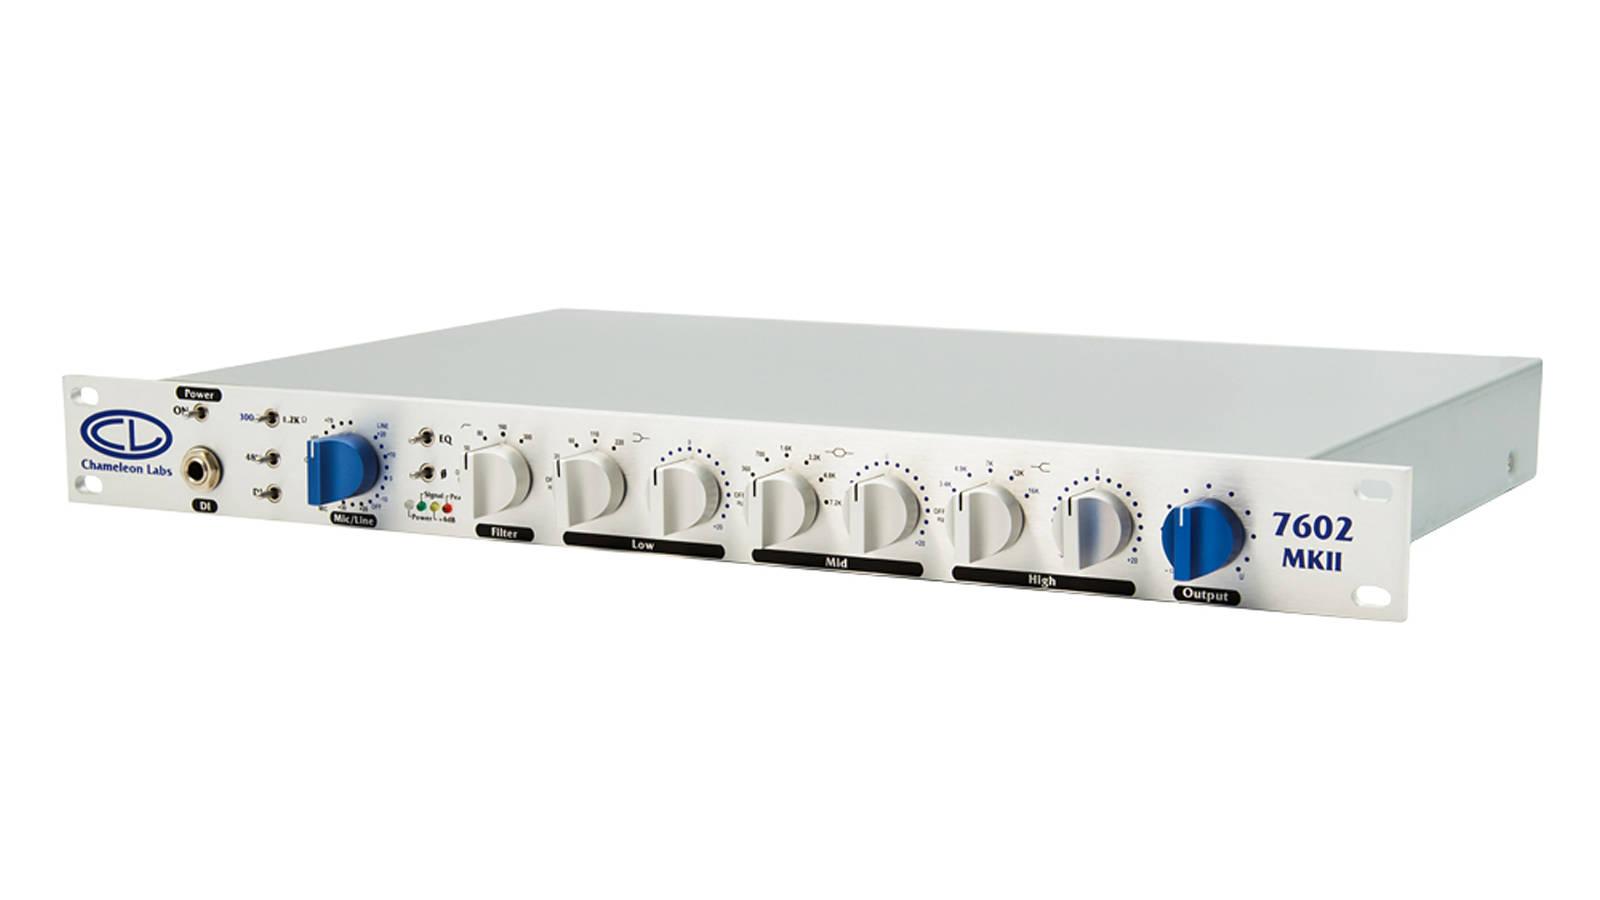 Chameleon Labs 7602 MKII Mikrofonvorverstärker